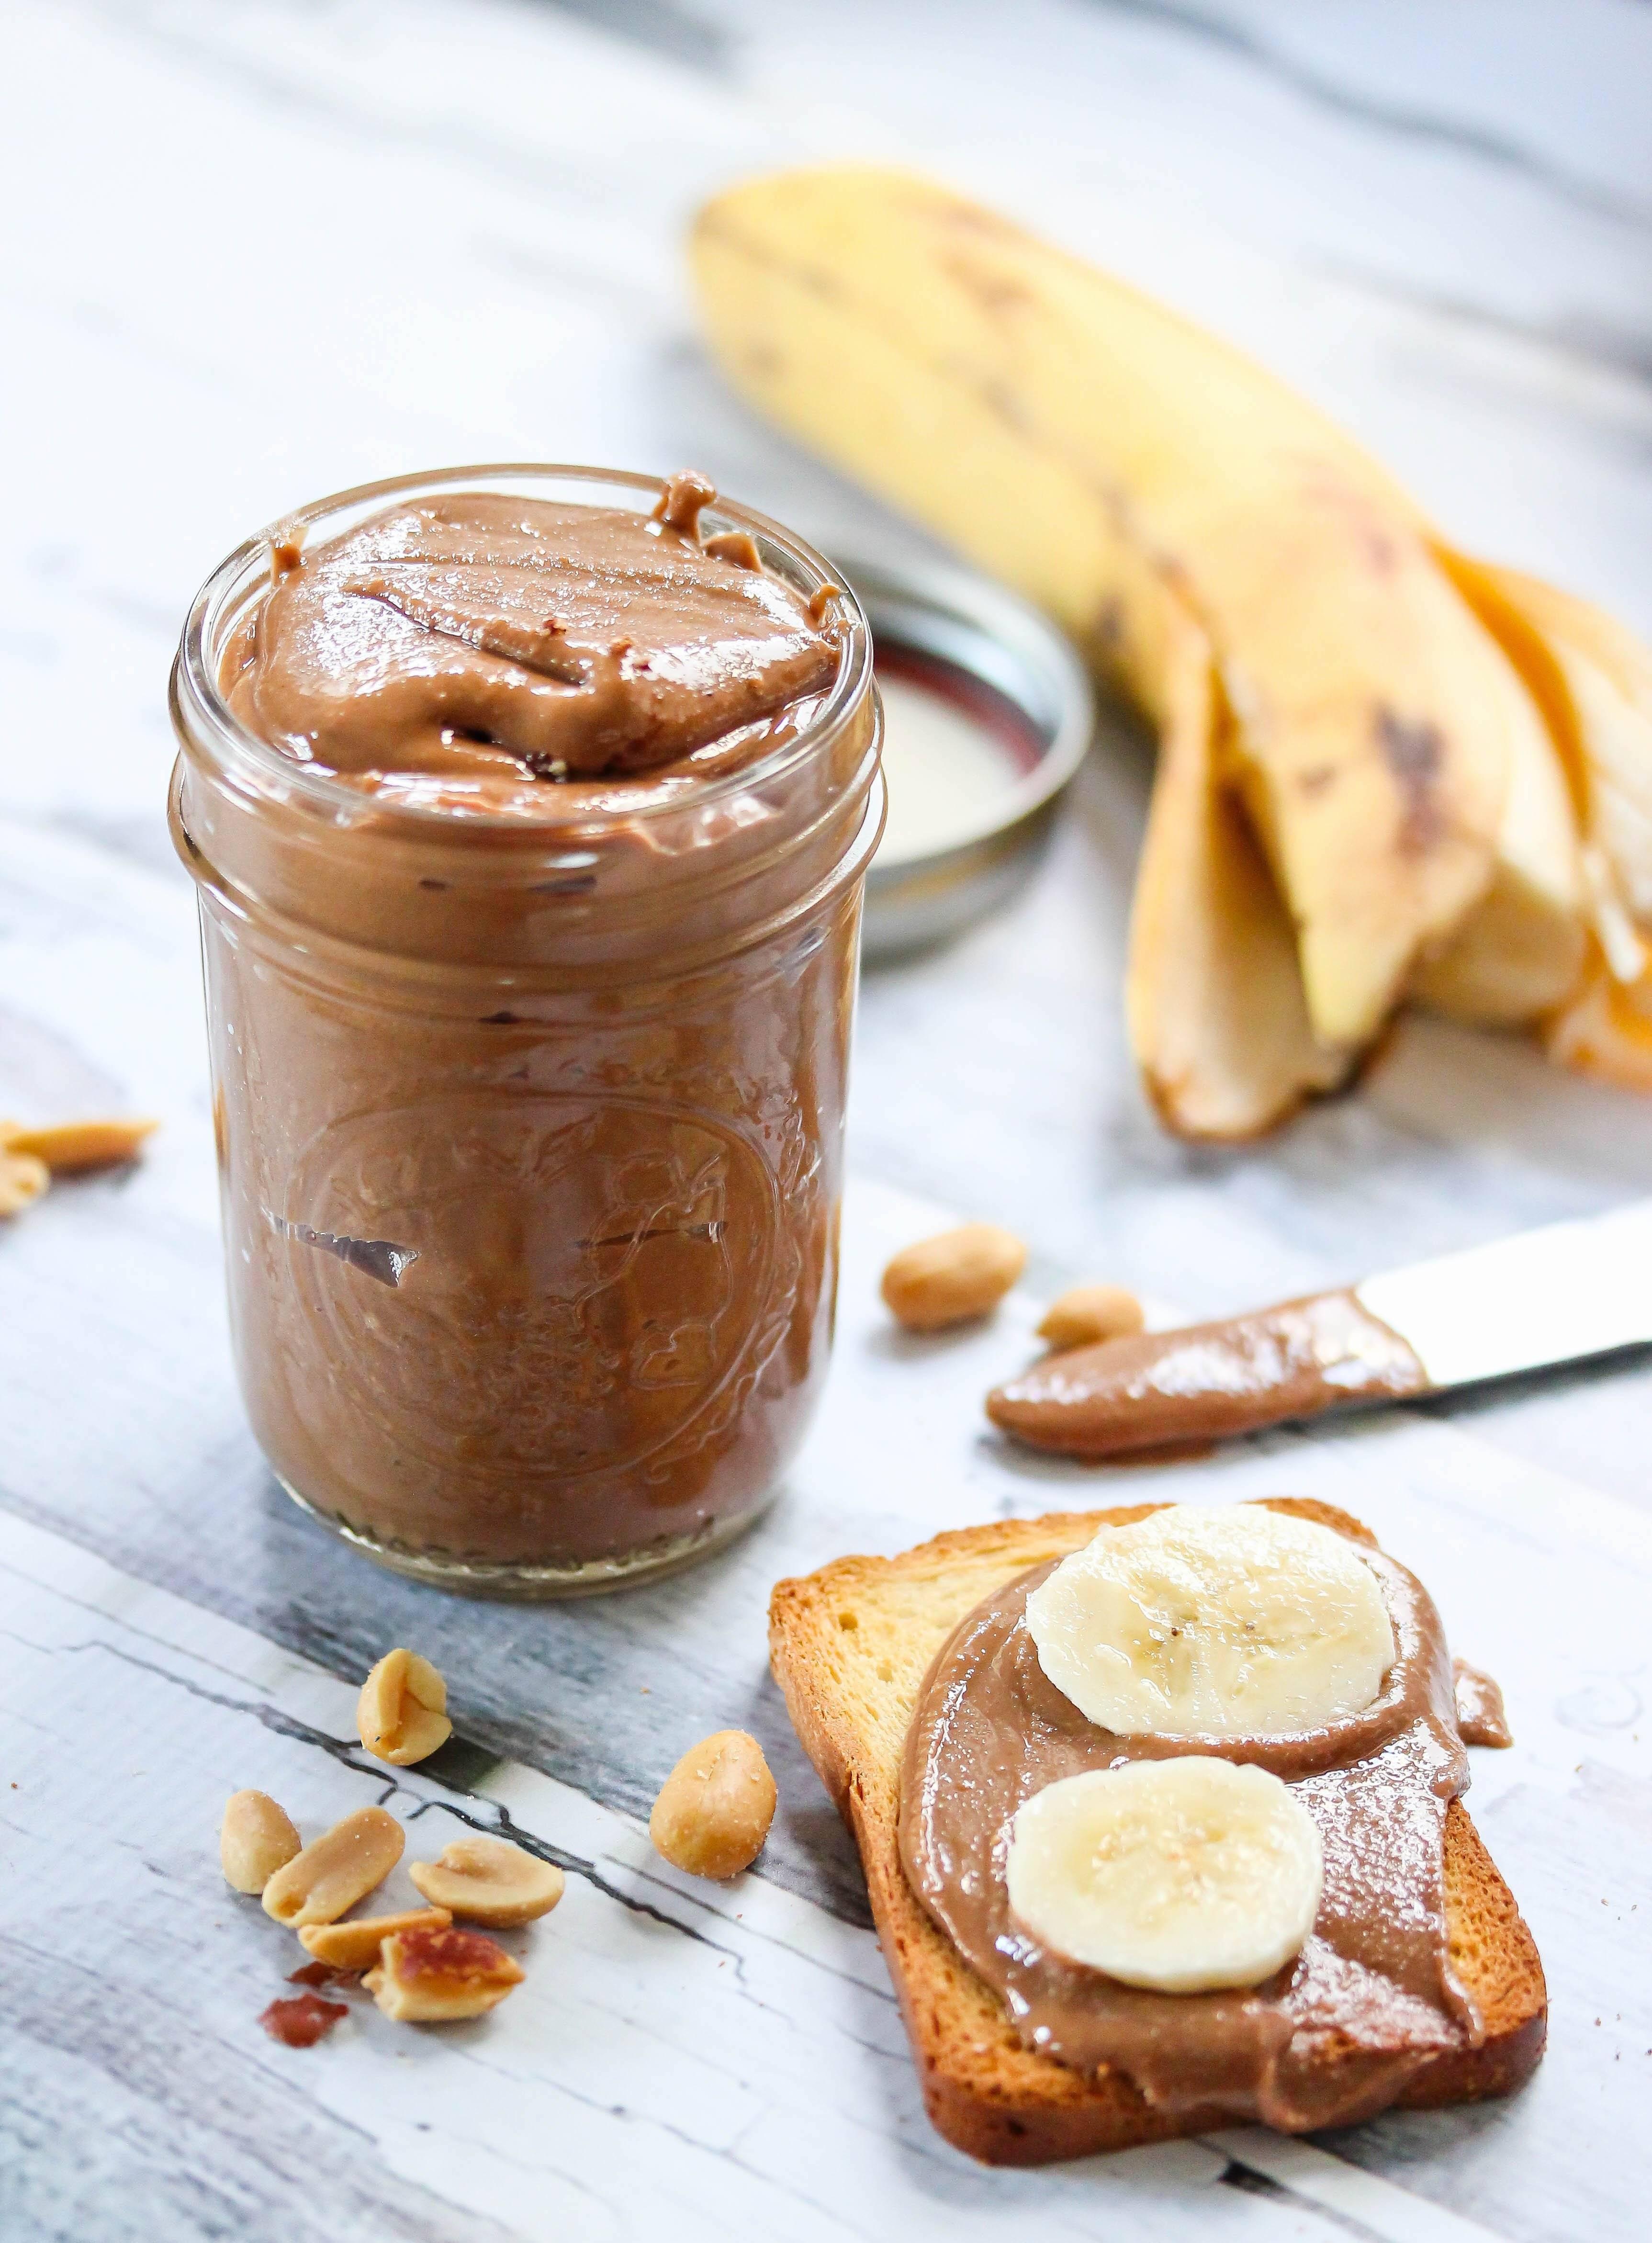 Кофе с бананом – рецепты новых вкусовых ощущений